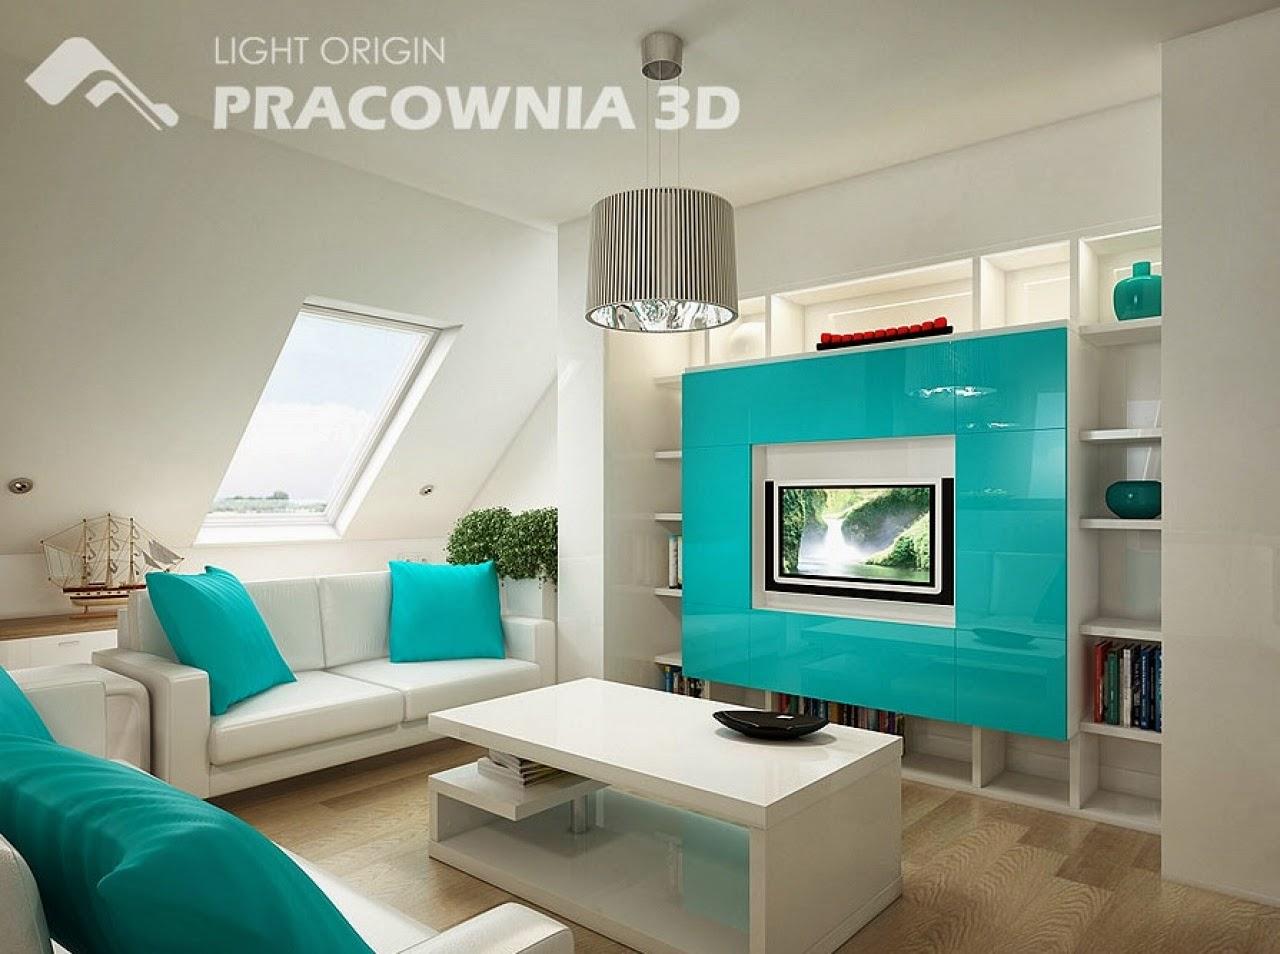 63 Desain Ruang Tv Rumah Minimalis Desain Rumah Minimalis Terbaru Design ruang tv minimalis